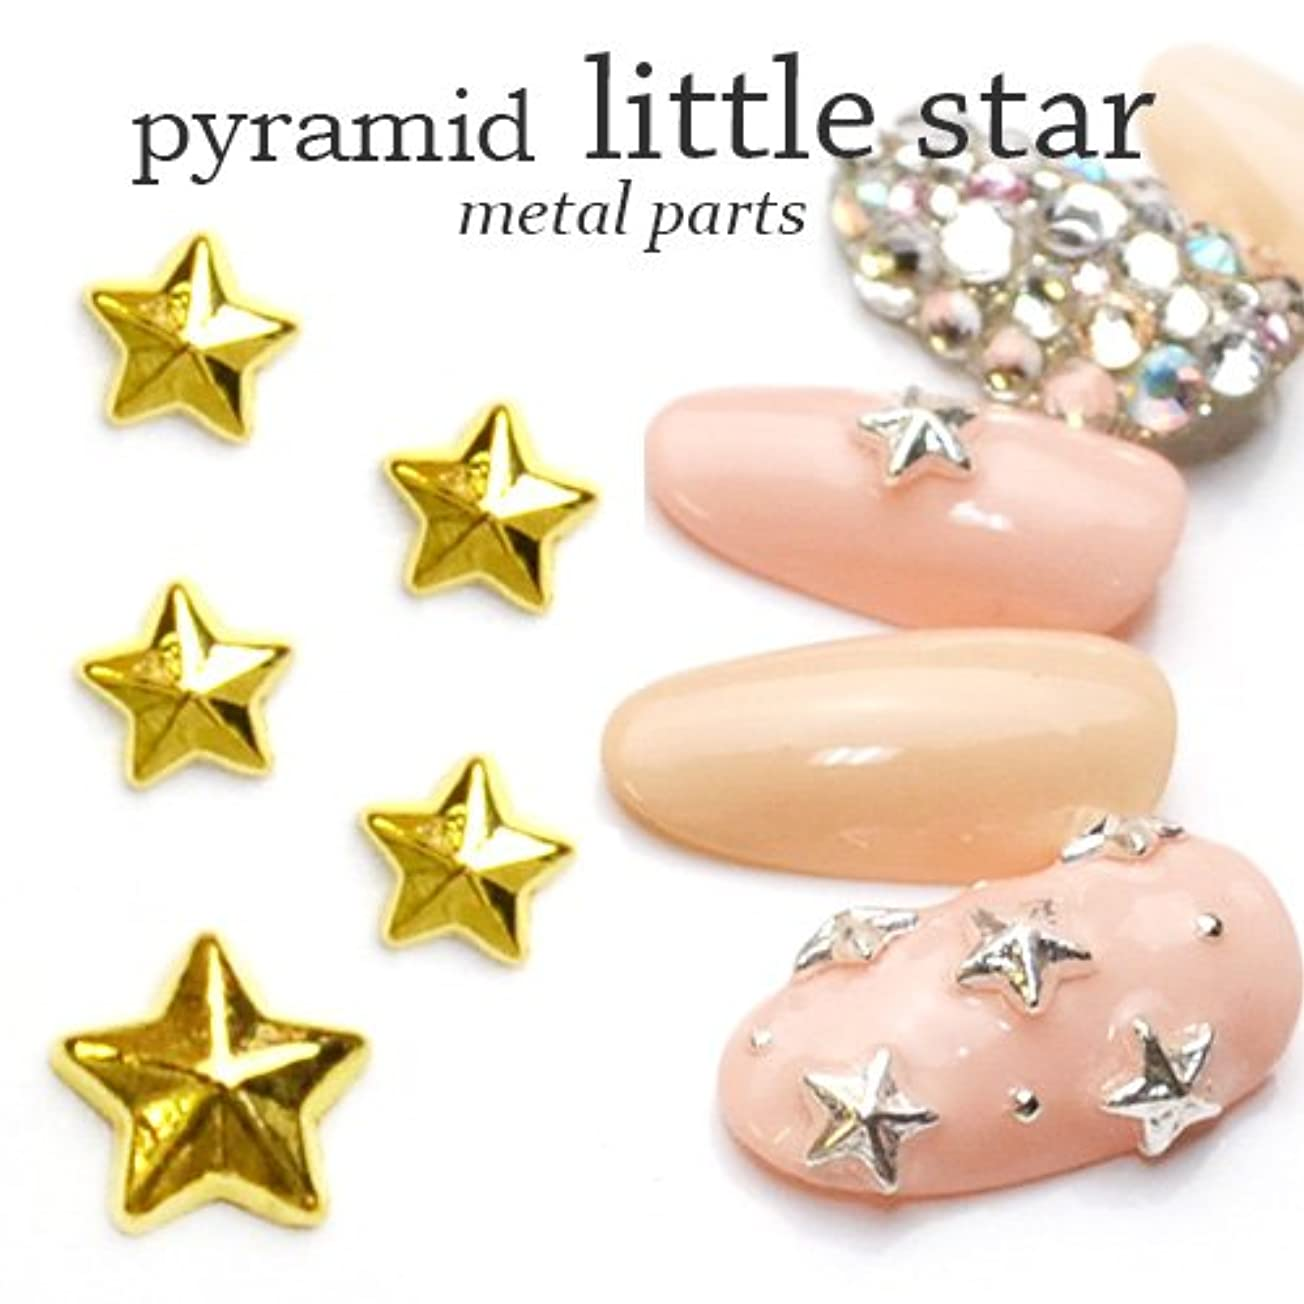 スペインラショナル移植ピラミッド型スターメタルパーツ【シルバー】 ピラミッド型スタッズ 立体 星 5個入 ジェルネイル